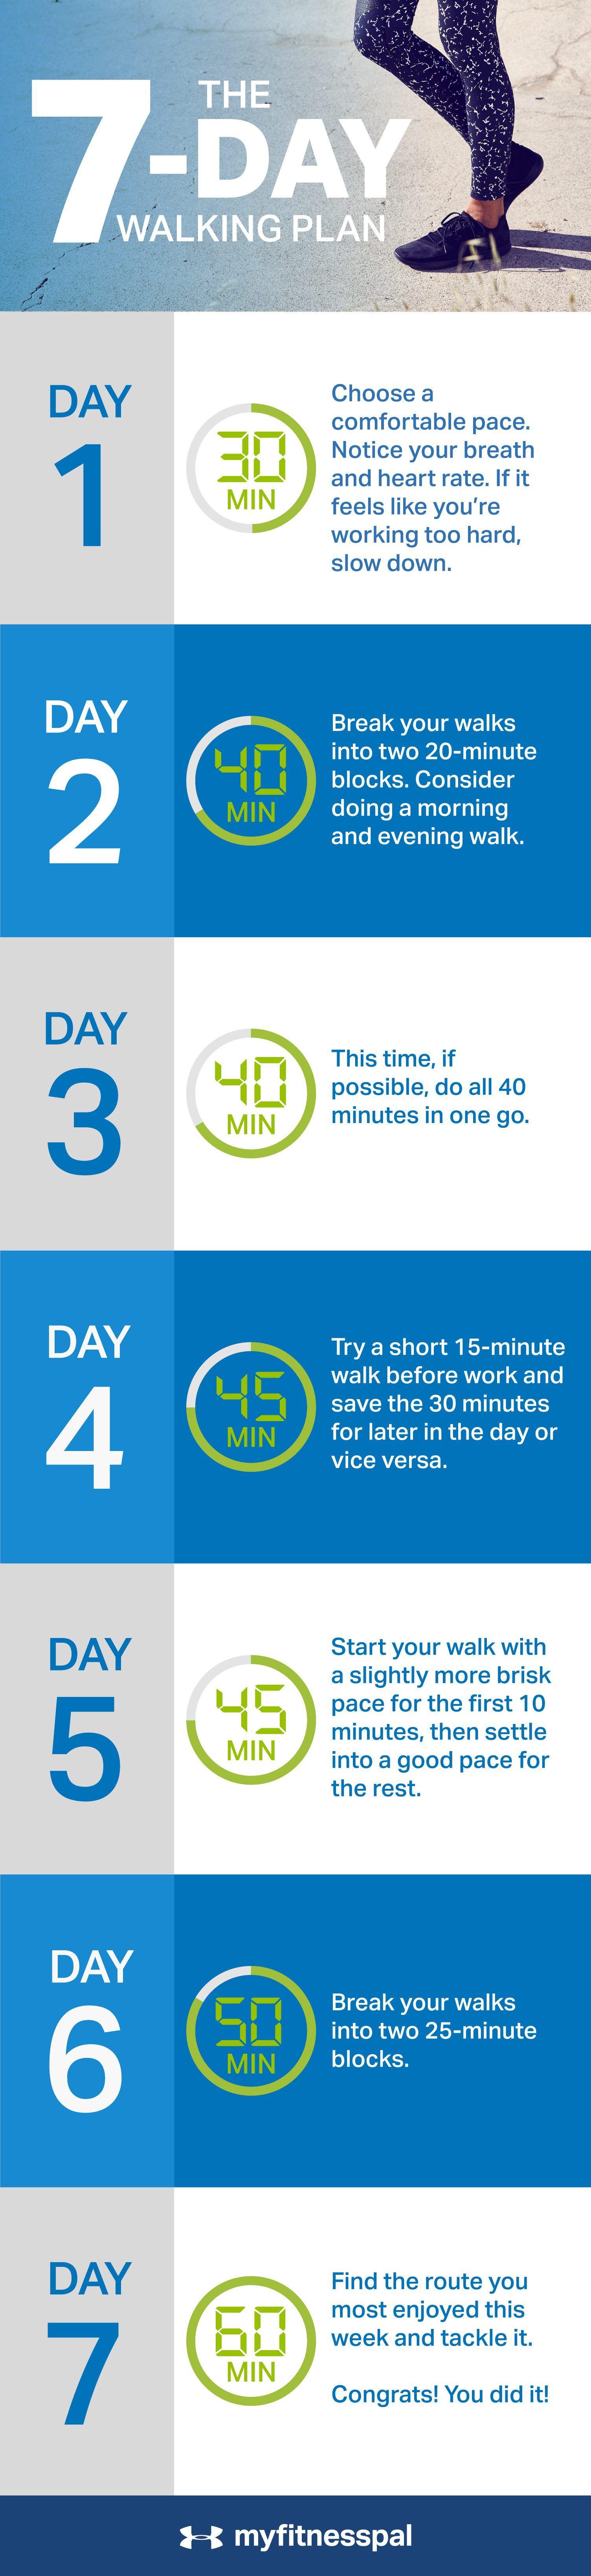 The 7 Day Walking Plan